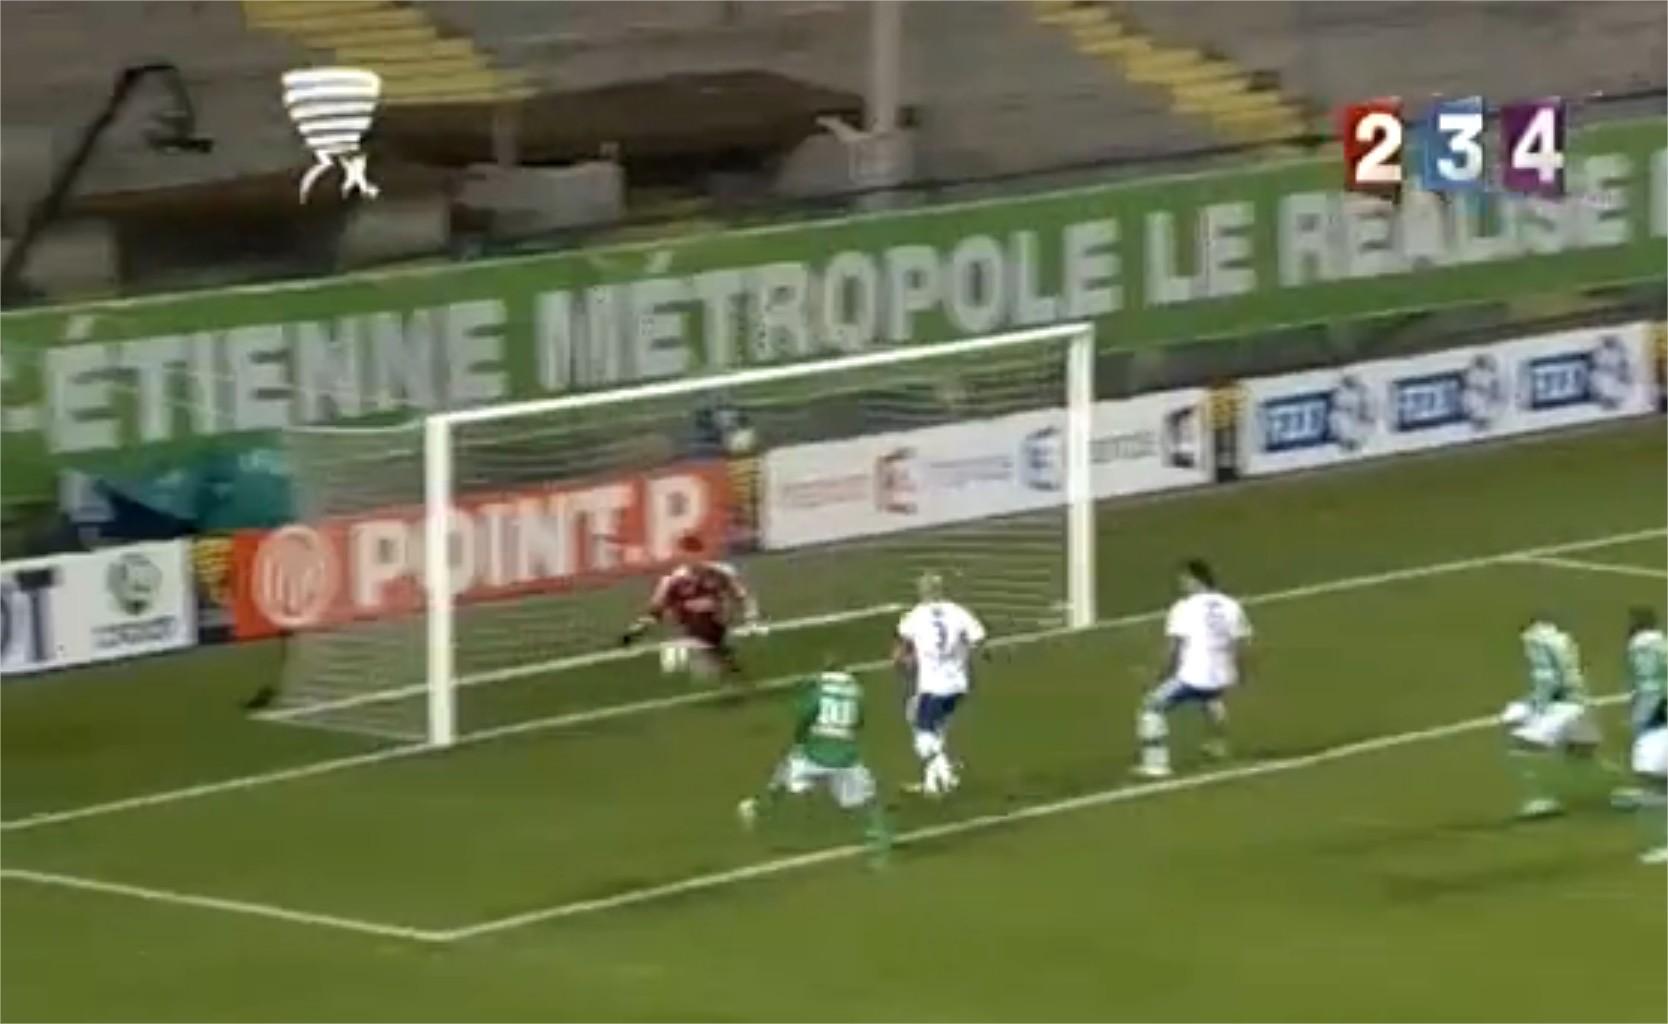 Victoire Lyon Saint Etienne coupe de la ligue 2011